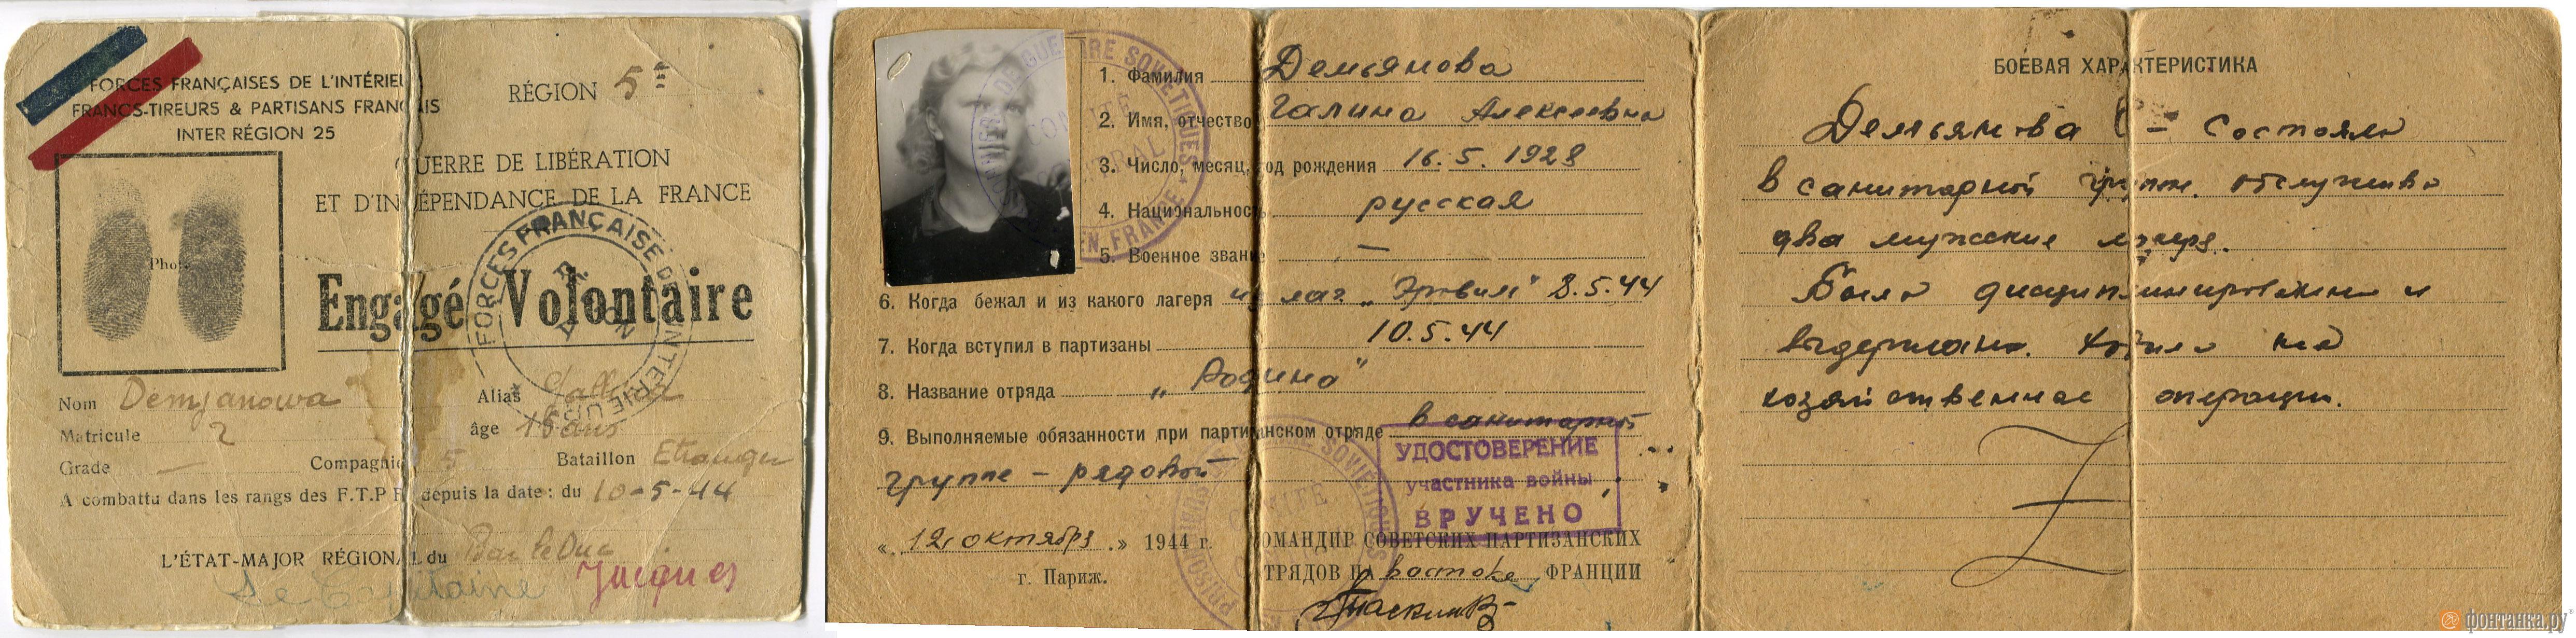 Документы Галины Демьяновой, участника Сопротивления